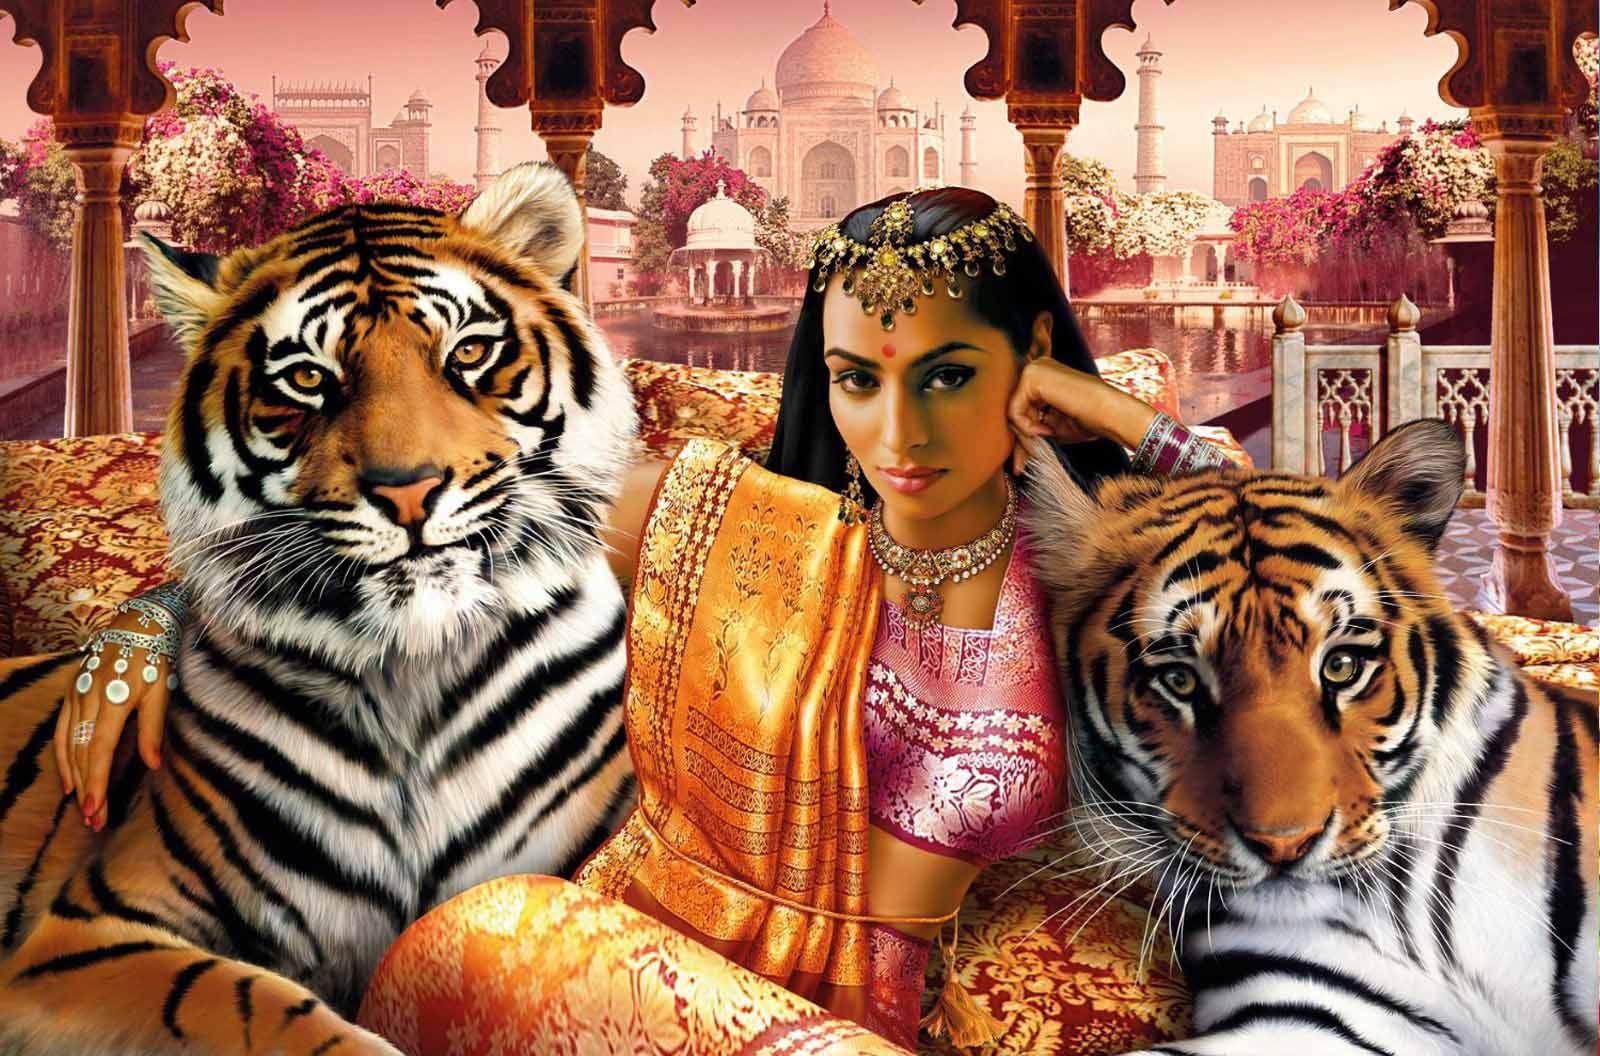 Тигр и девушка открытки, смешные